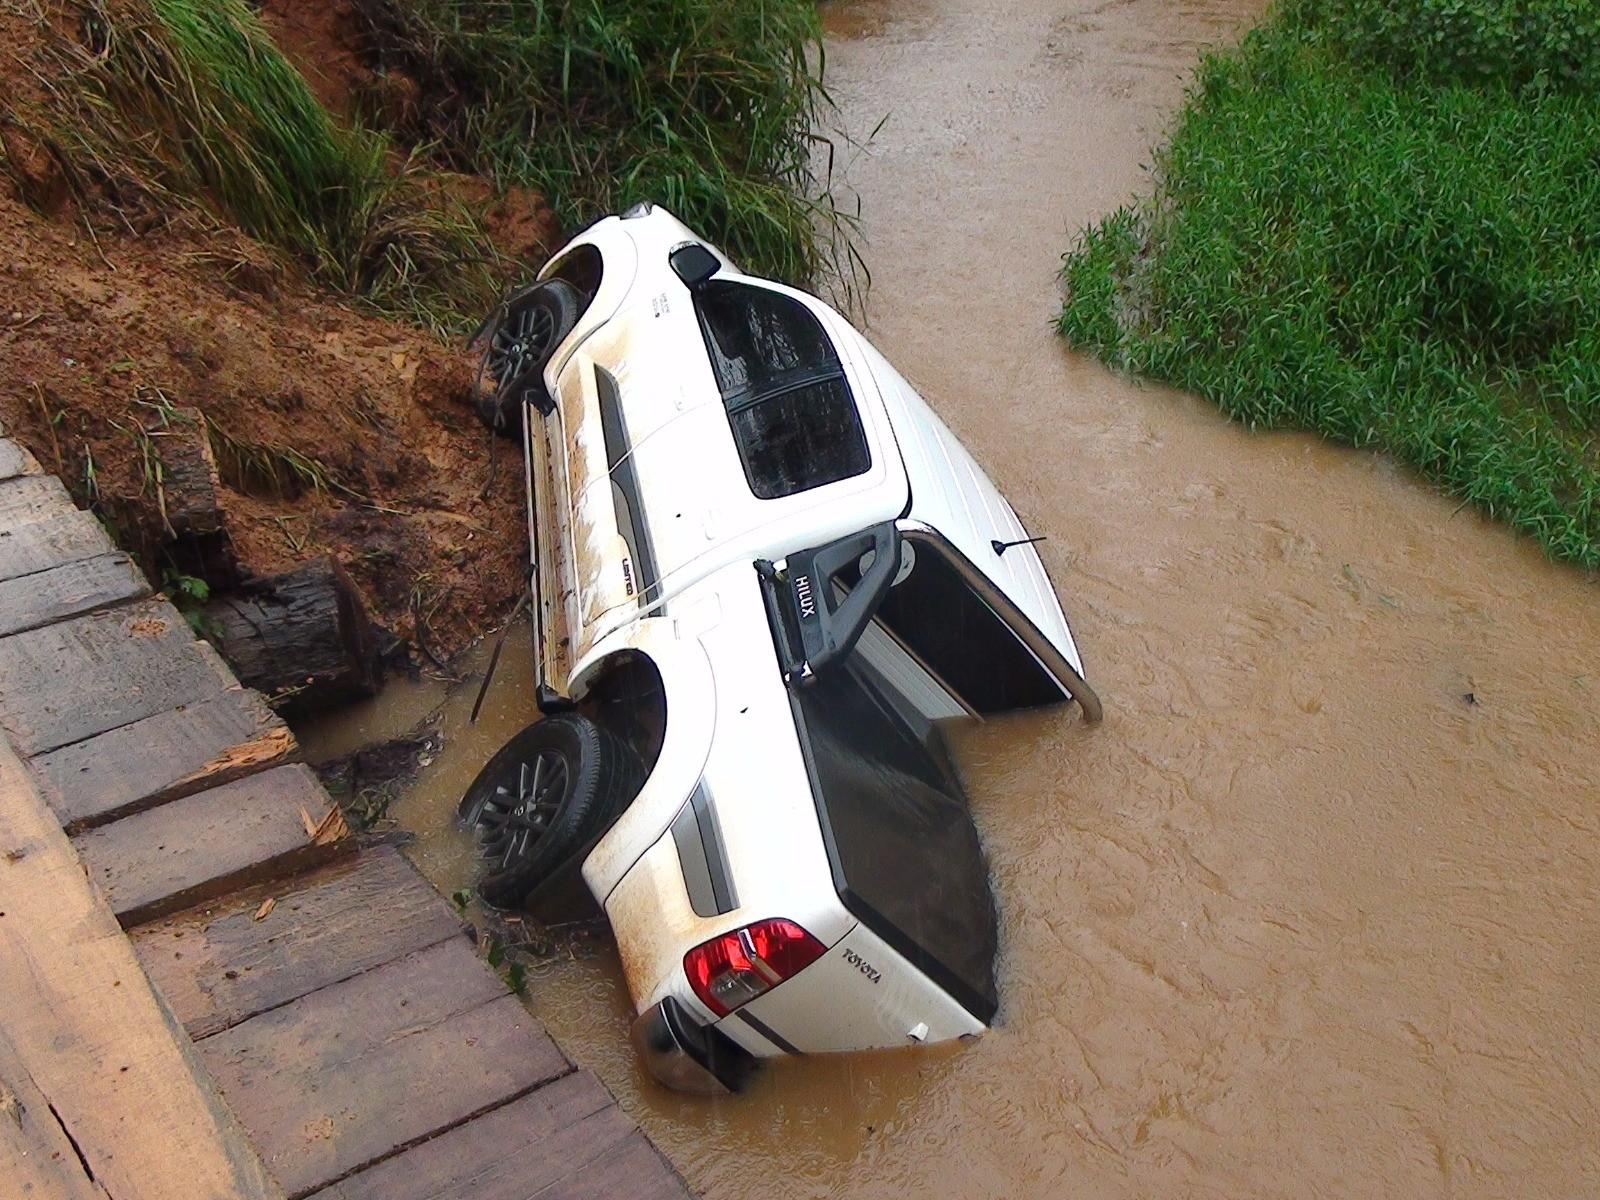 Caminhonete cai de ponte de madeira e motorista sai ileso em Rondônia